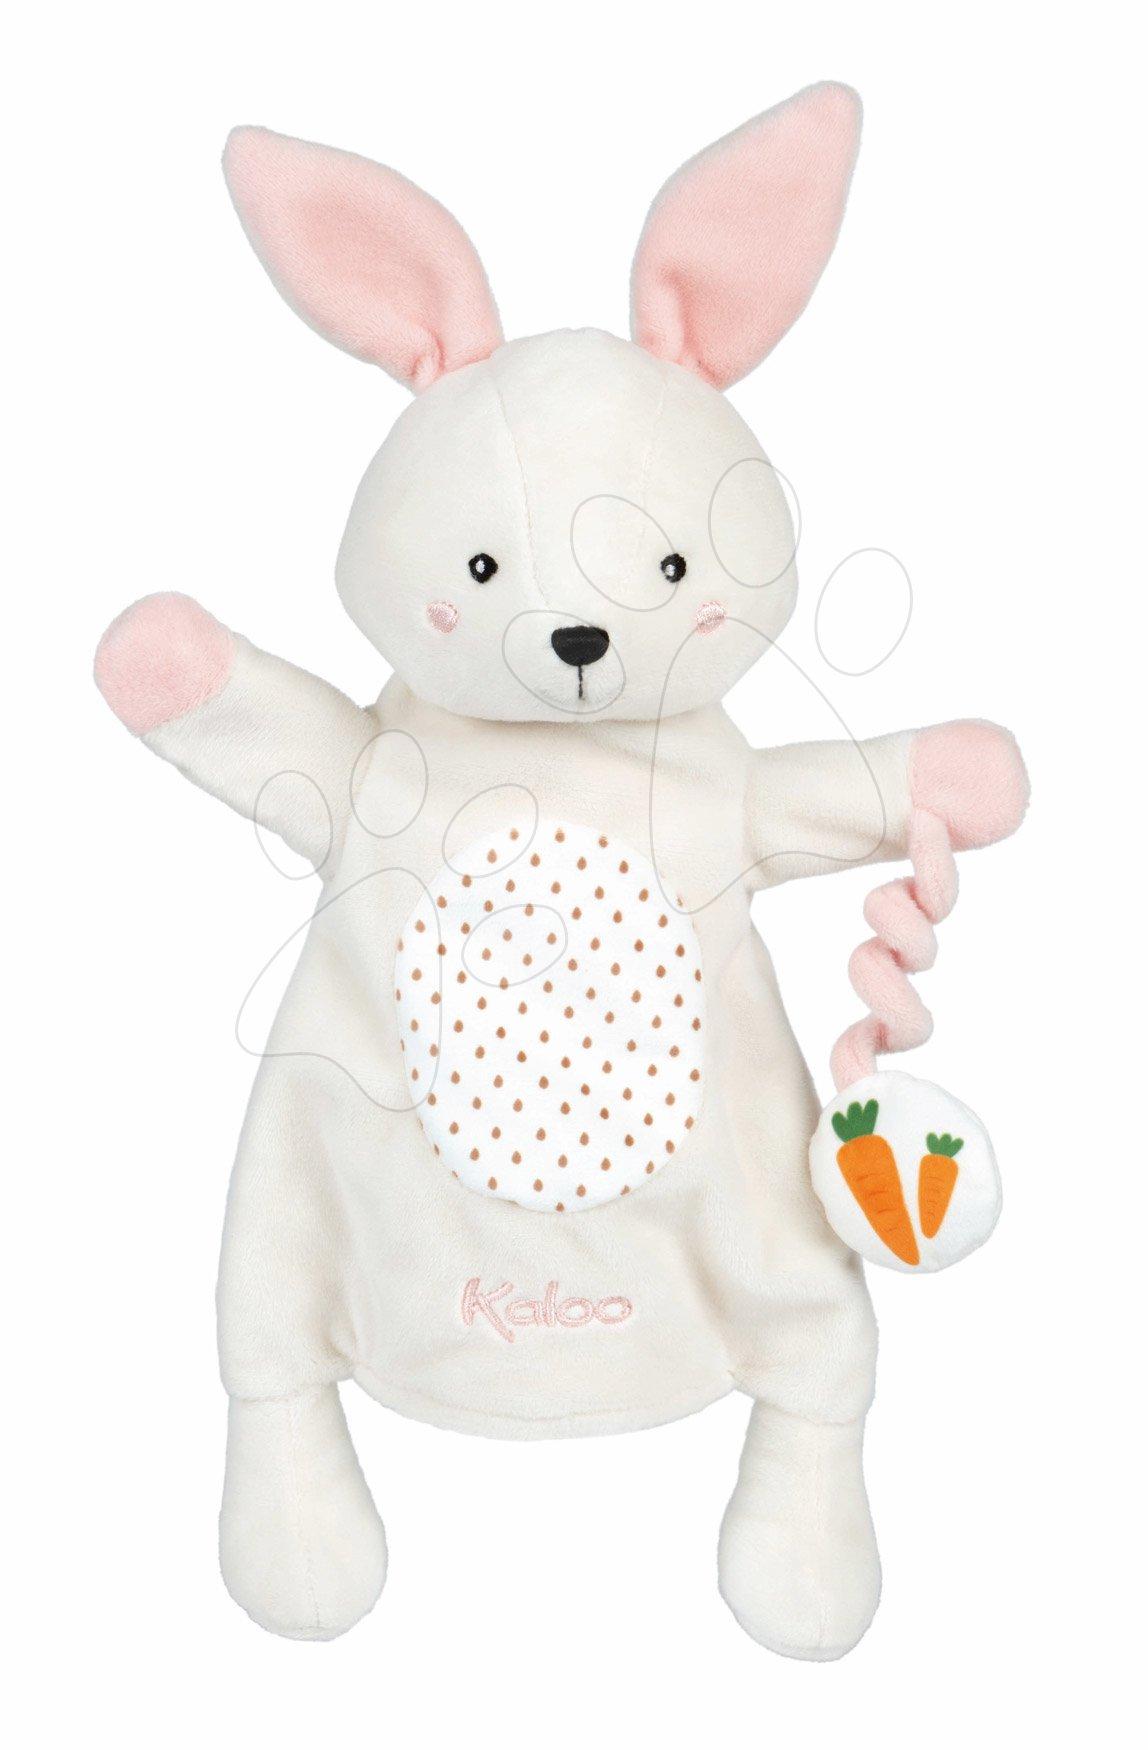 Plyšový zajačik bábkové divadlo Robin Rabbit Kachoo Kaloo s príveskom mrkvička 30 cm pre najmenších od 0 mes